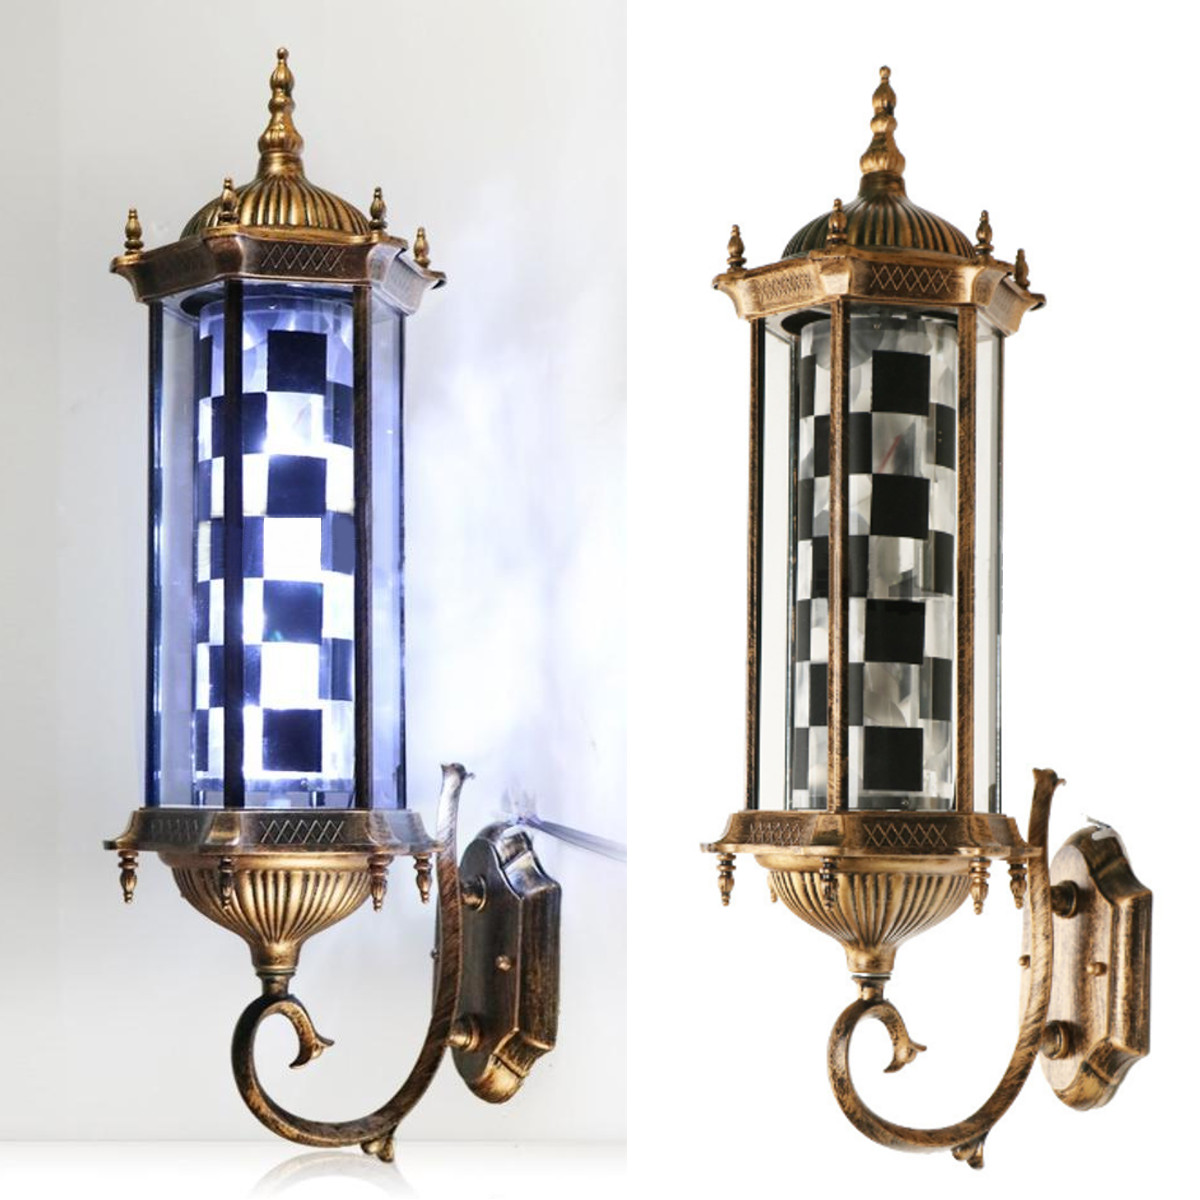 220V LED Berber Dükkanı Işareti Kutup Işık Siyah Beyaz Retro Tasarım Döner Salon Duvar Asılı Işık Lamba Güzellik Salonu lambası Yeni